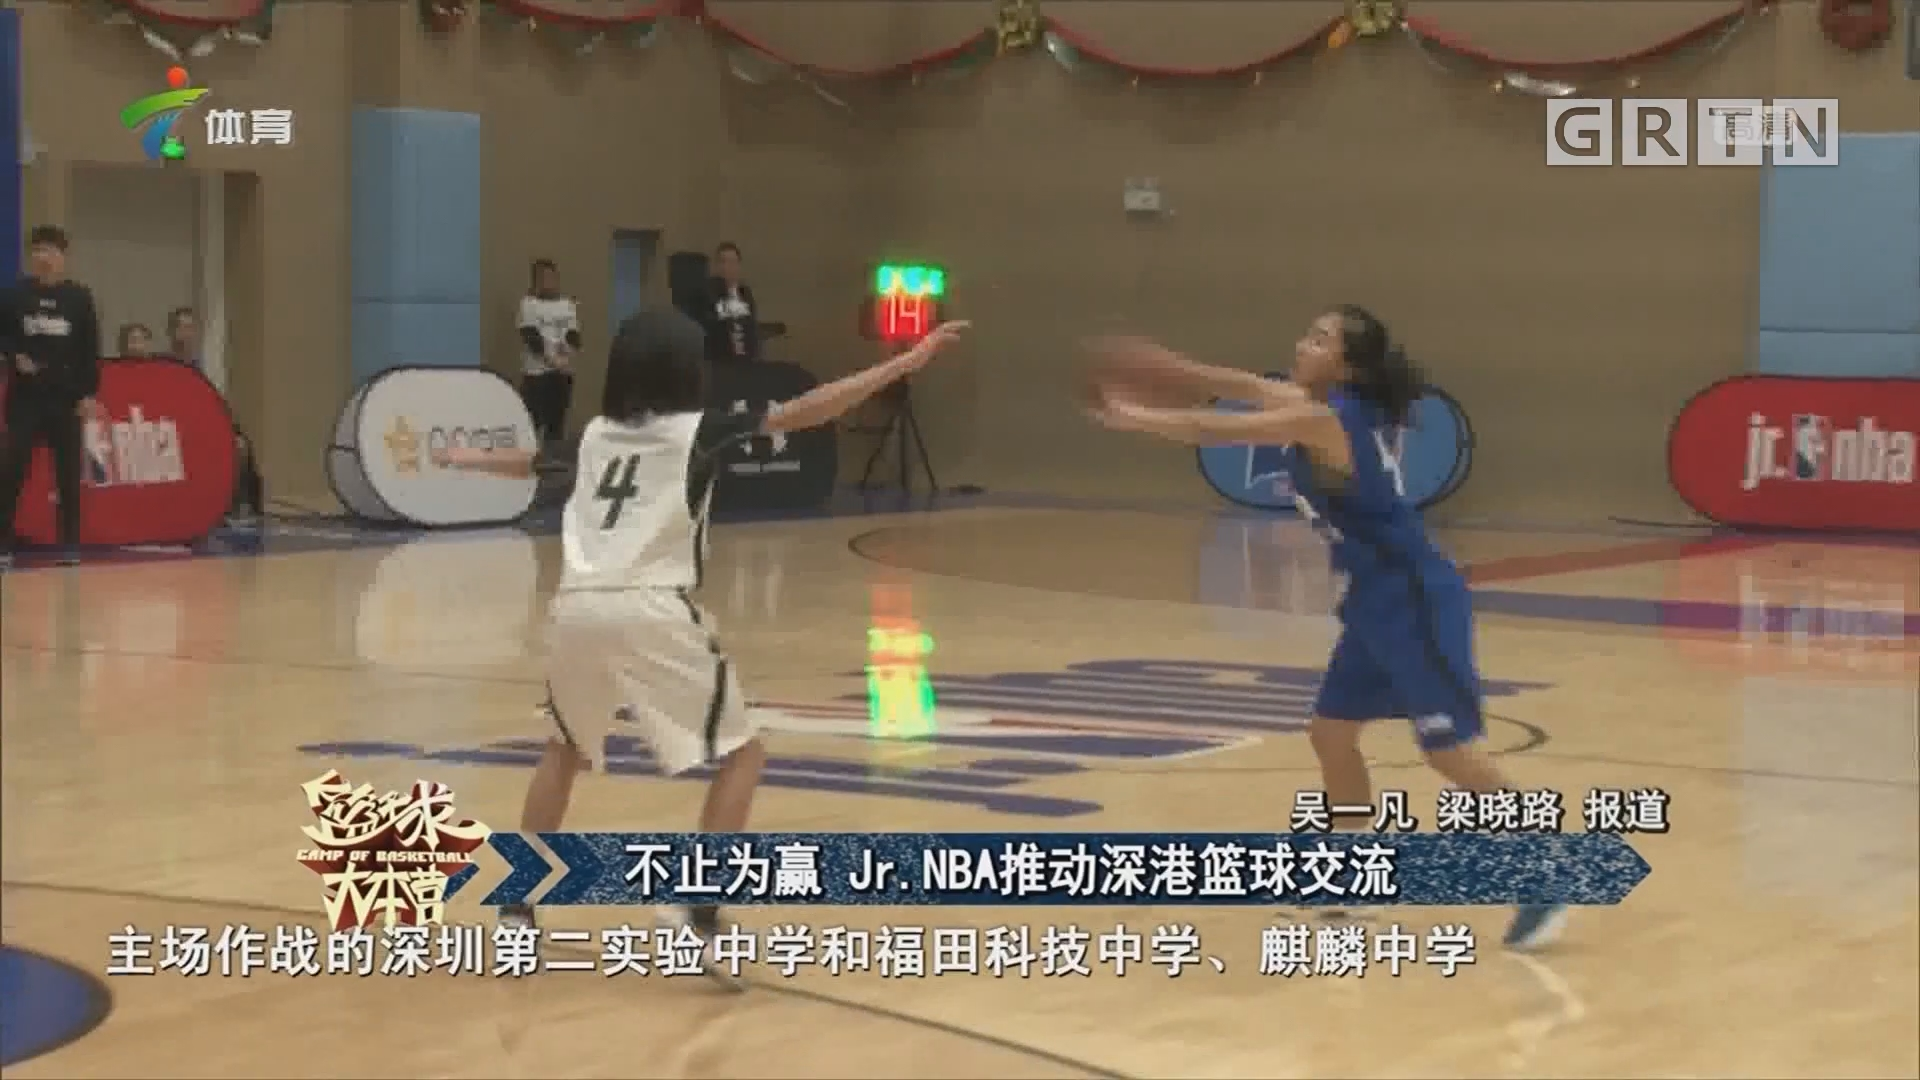 不止为赢 Jr.NBA推动深港篮球交流